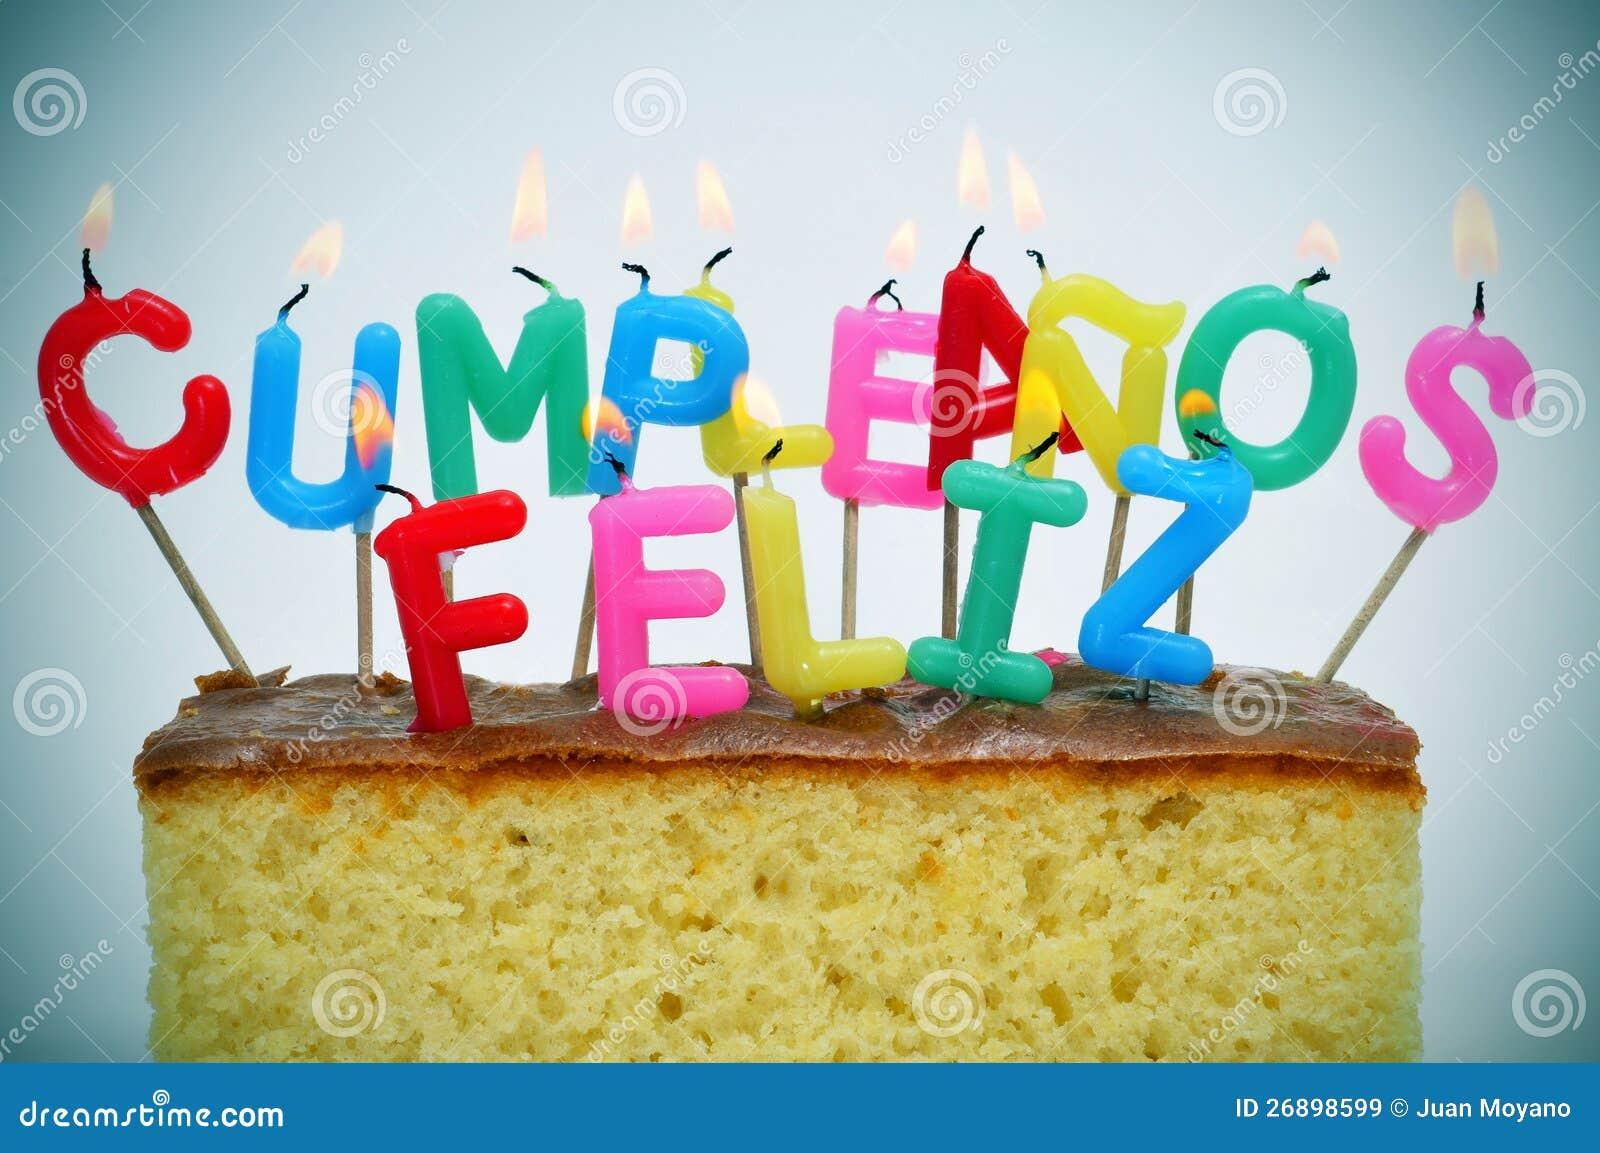 Buon Compleanno Scritto Nello Spagnolo Immagine Stock   Immagine